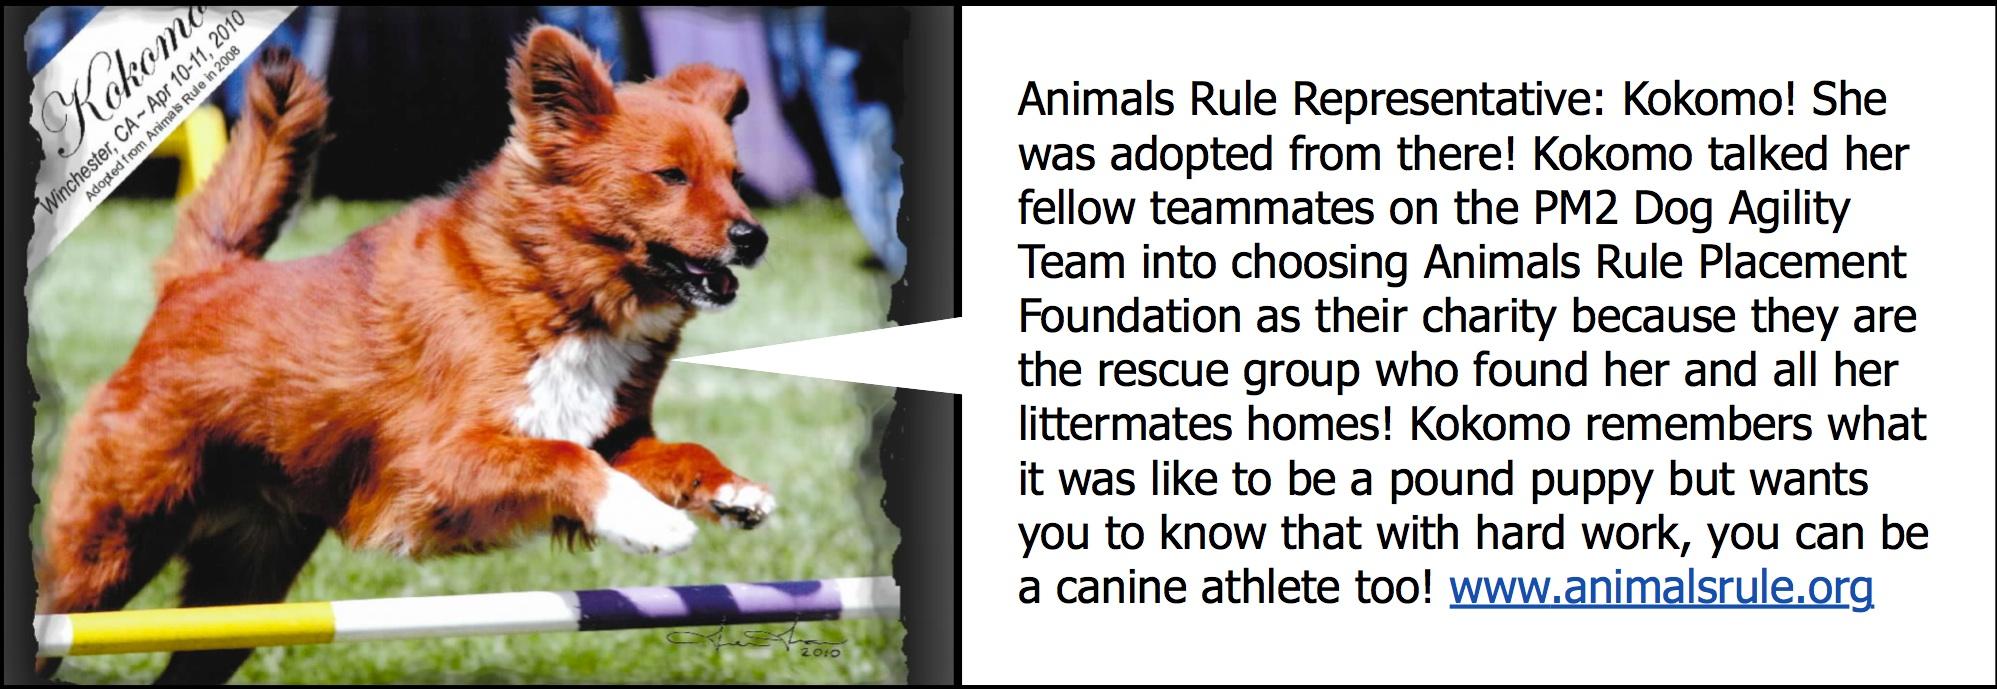 www.animalsrule.org